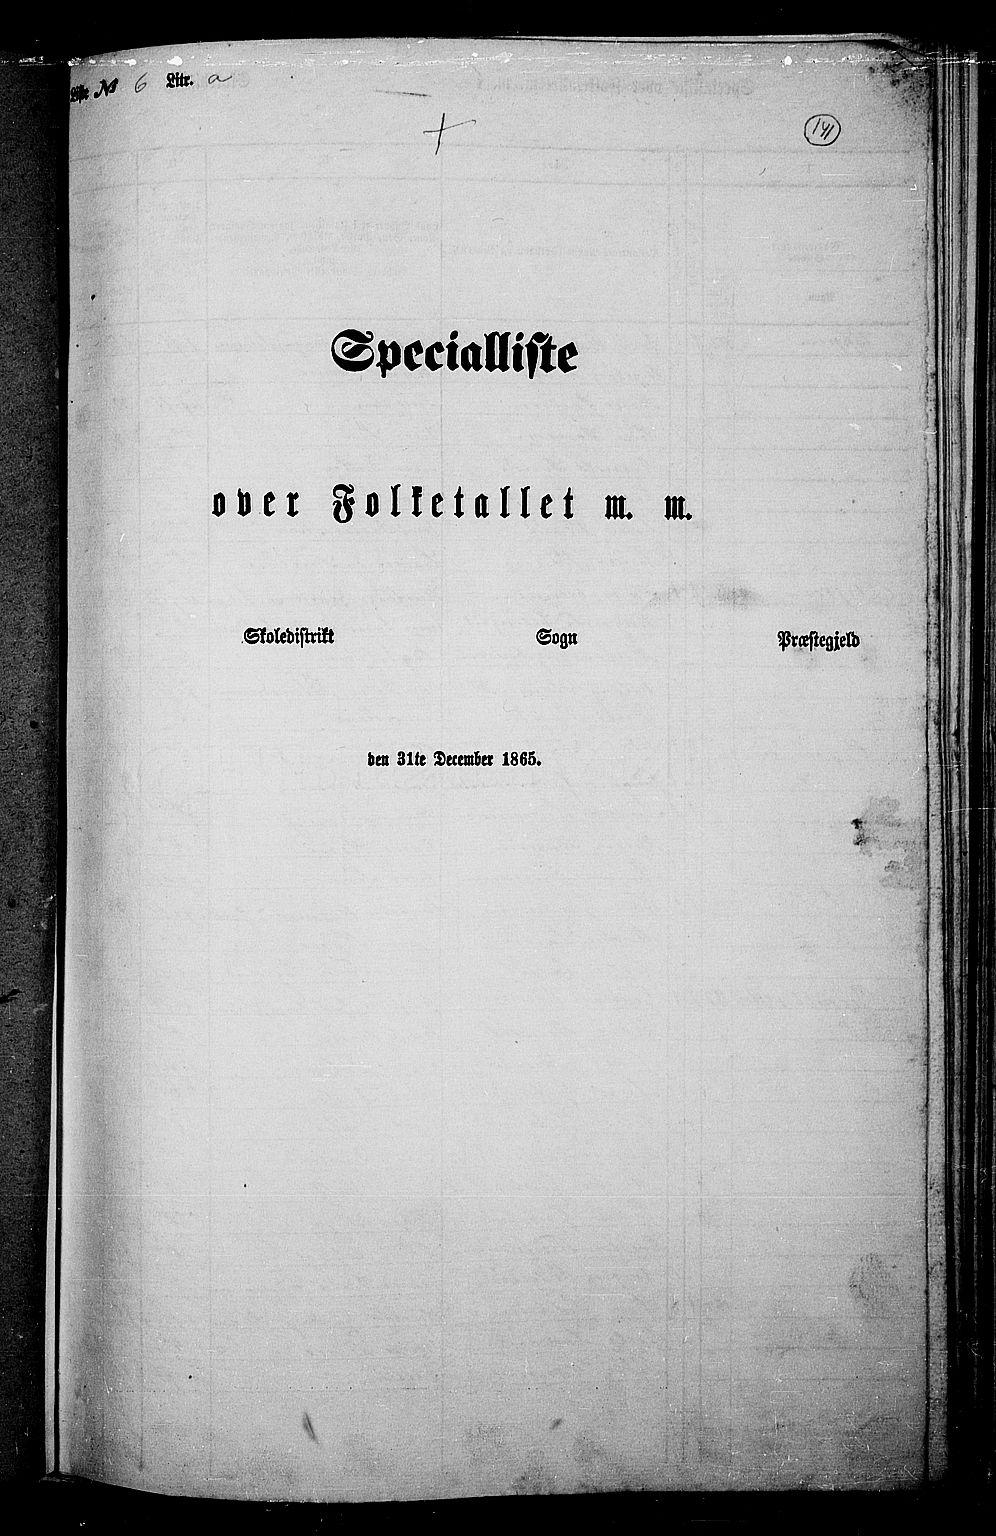 RA, Folketelling 1865 for 0532P Jevnaker prestegjeld, 1865, s. 130